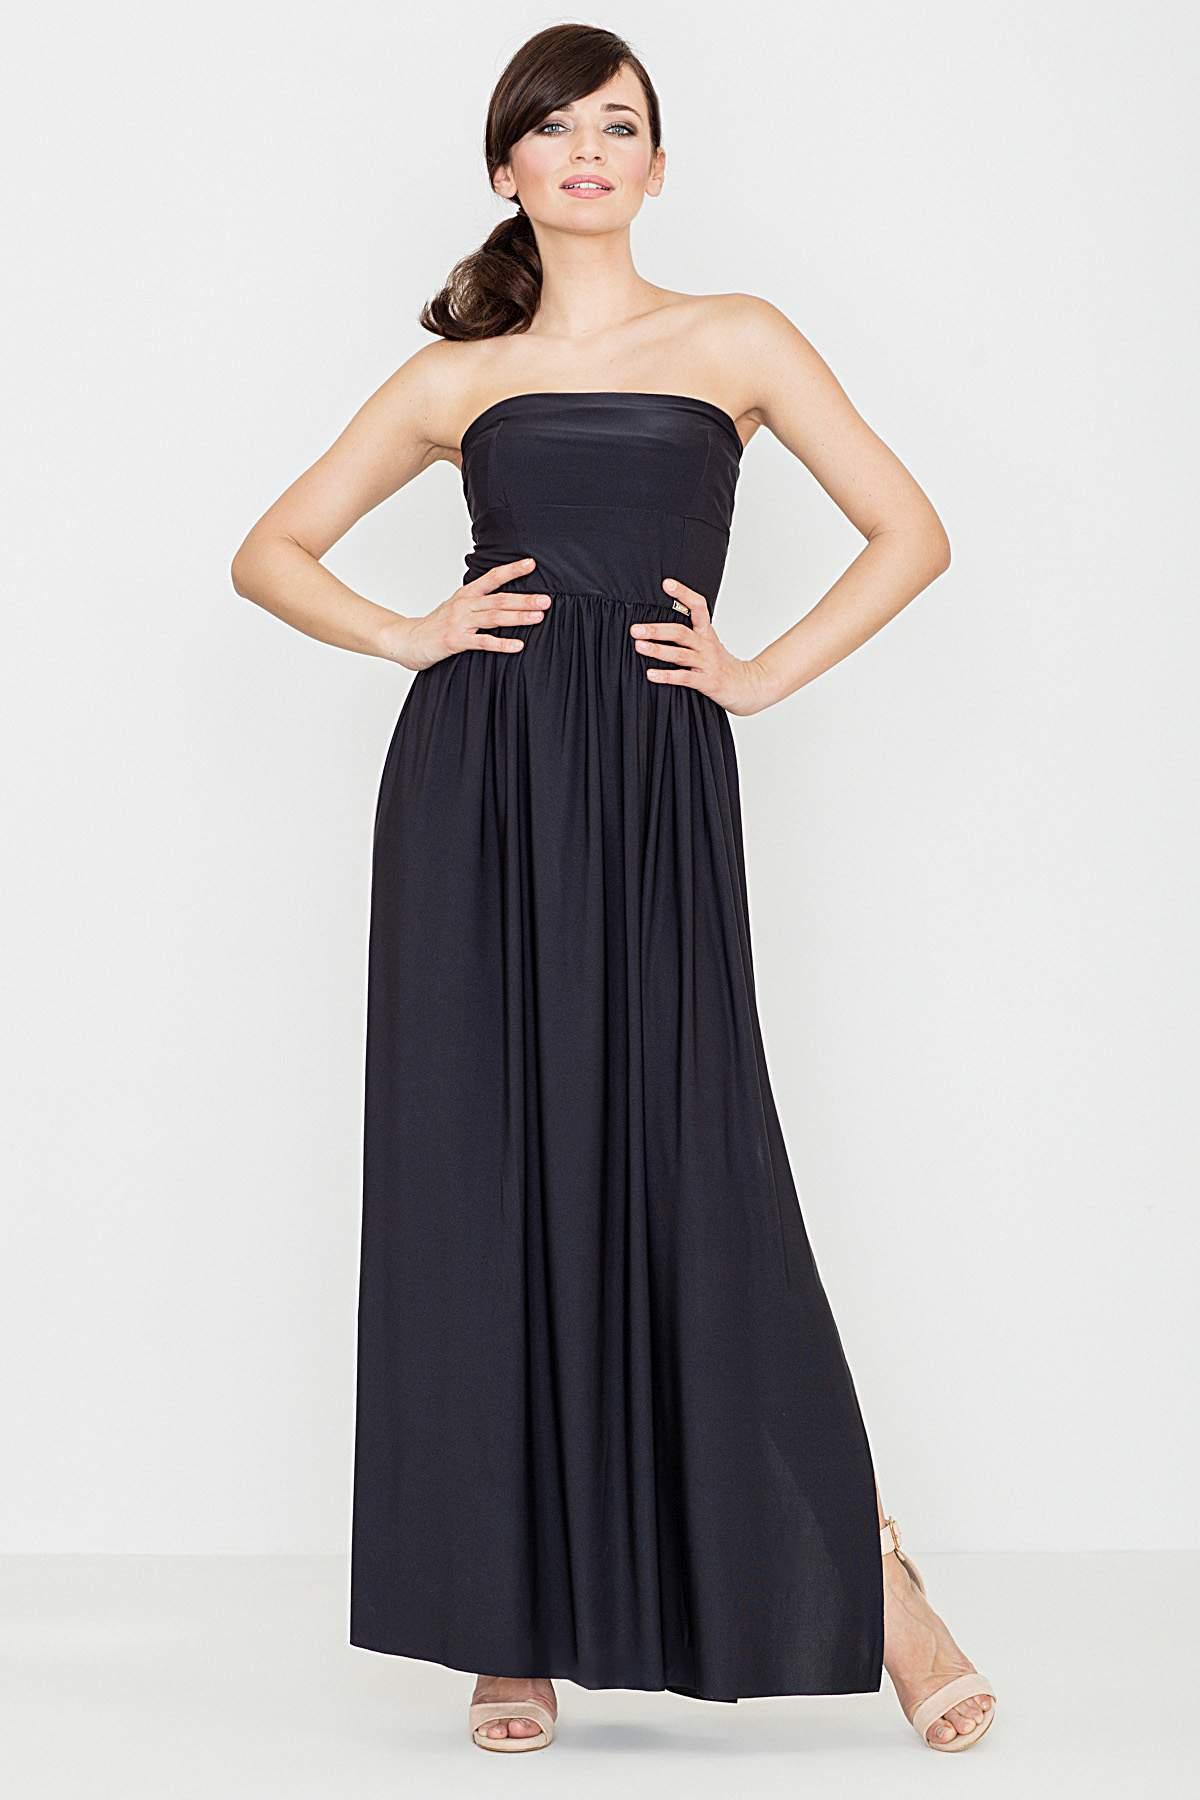 Γυναικεία   Ρούχα   Φορέματα   Καθημερινά   8542 AX Εντυπωσιακό ... 4098c11a13f